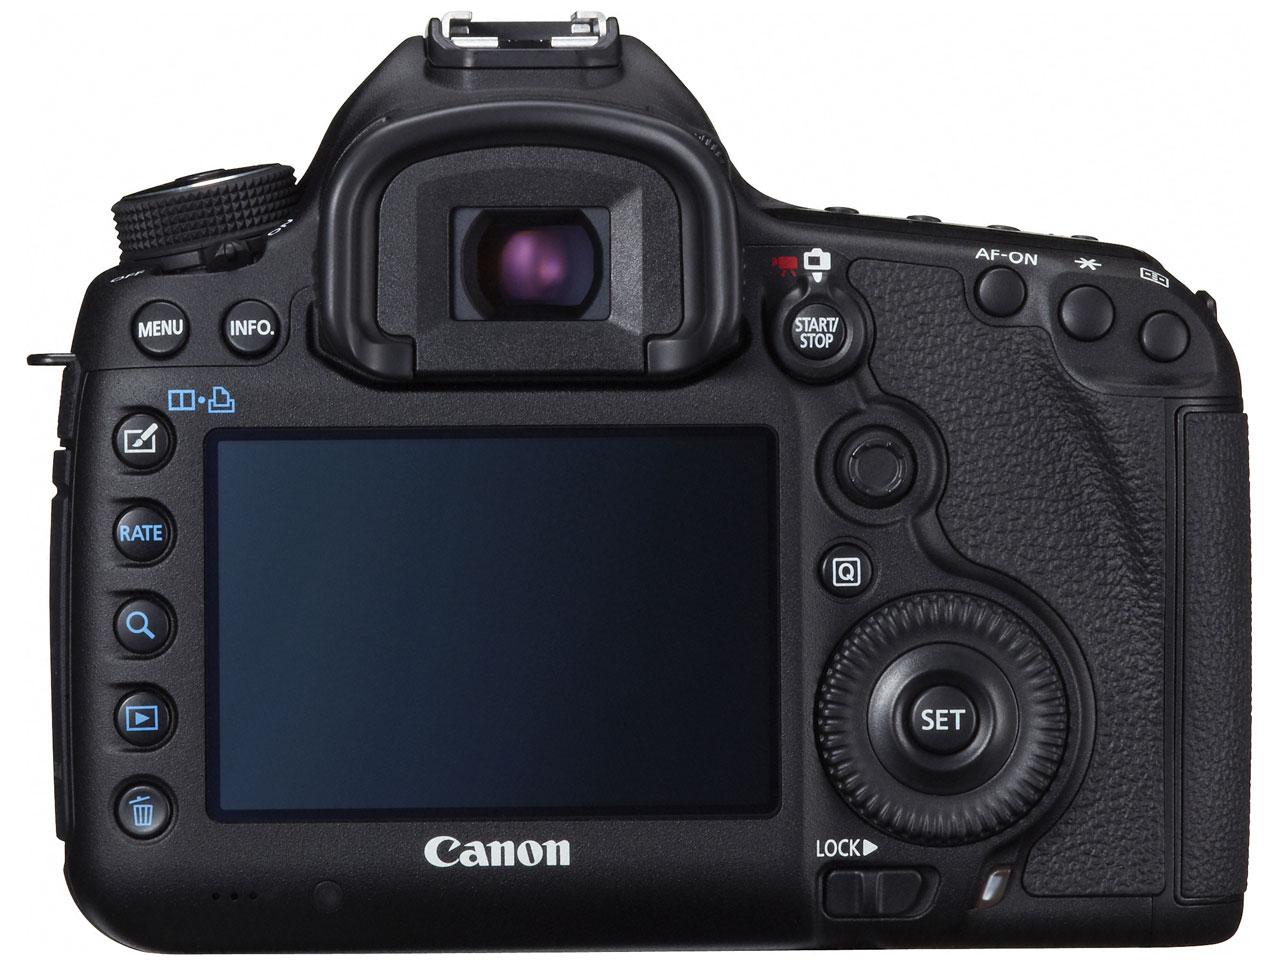 『本体 背面』 EOS 5D Mark III ボディ の製品画像